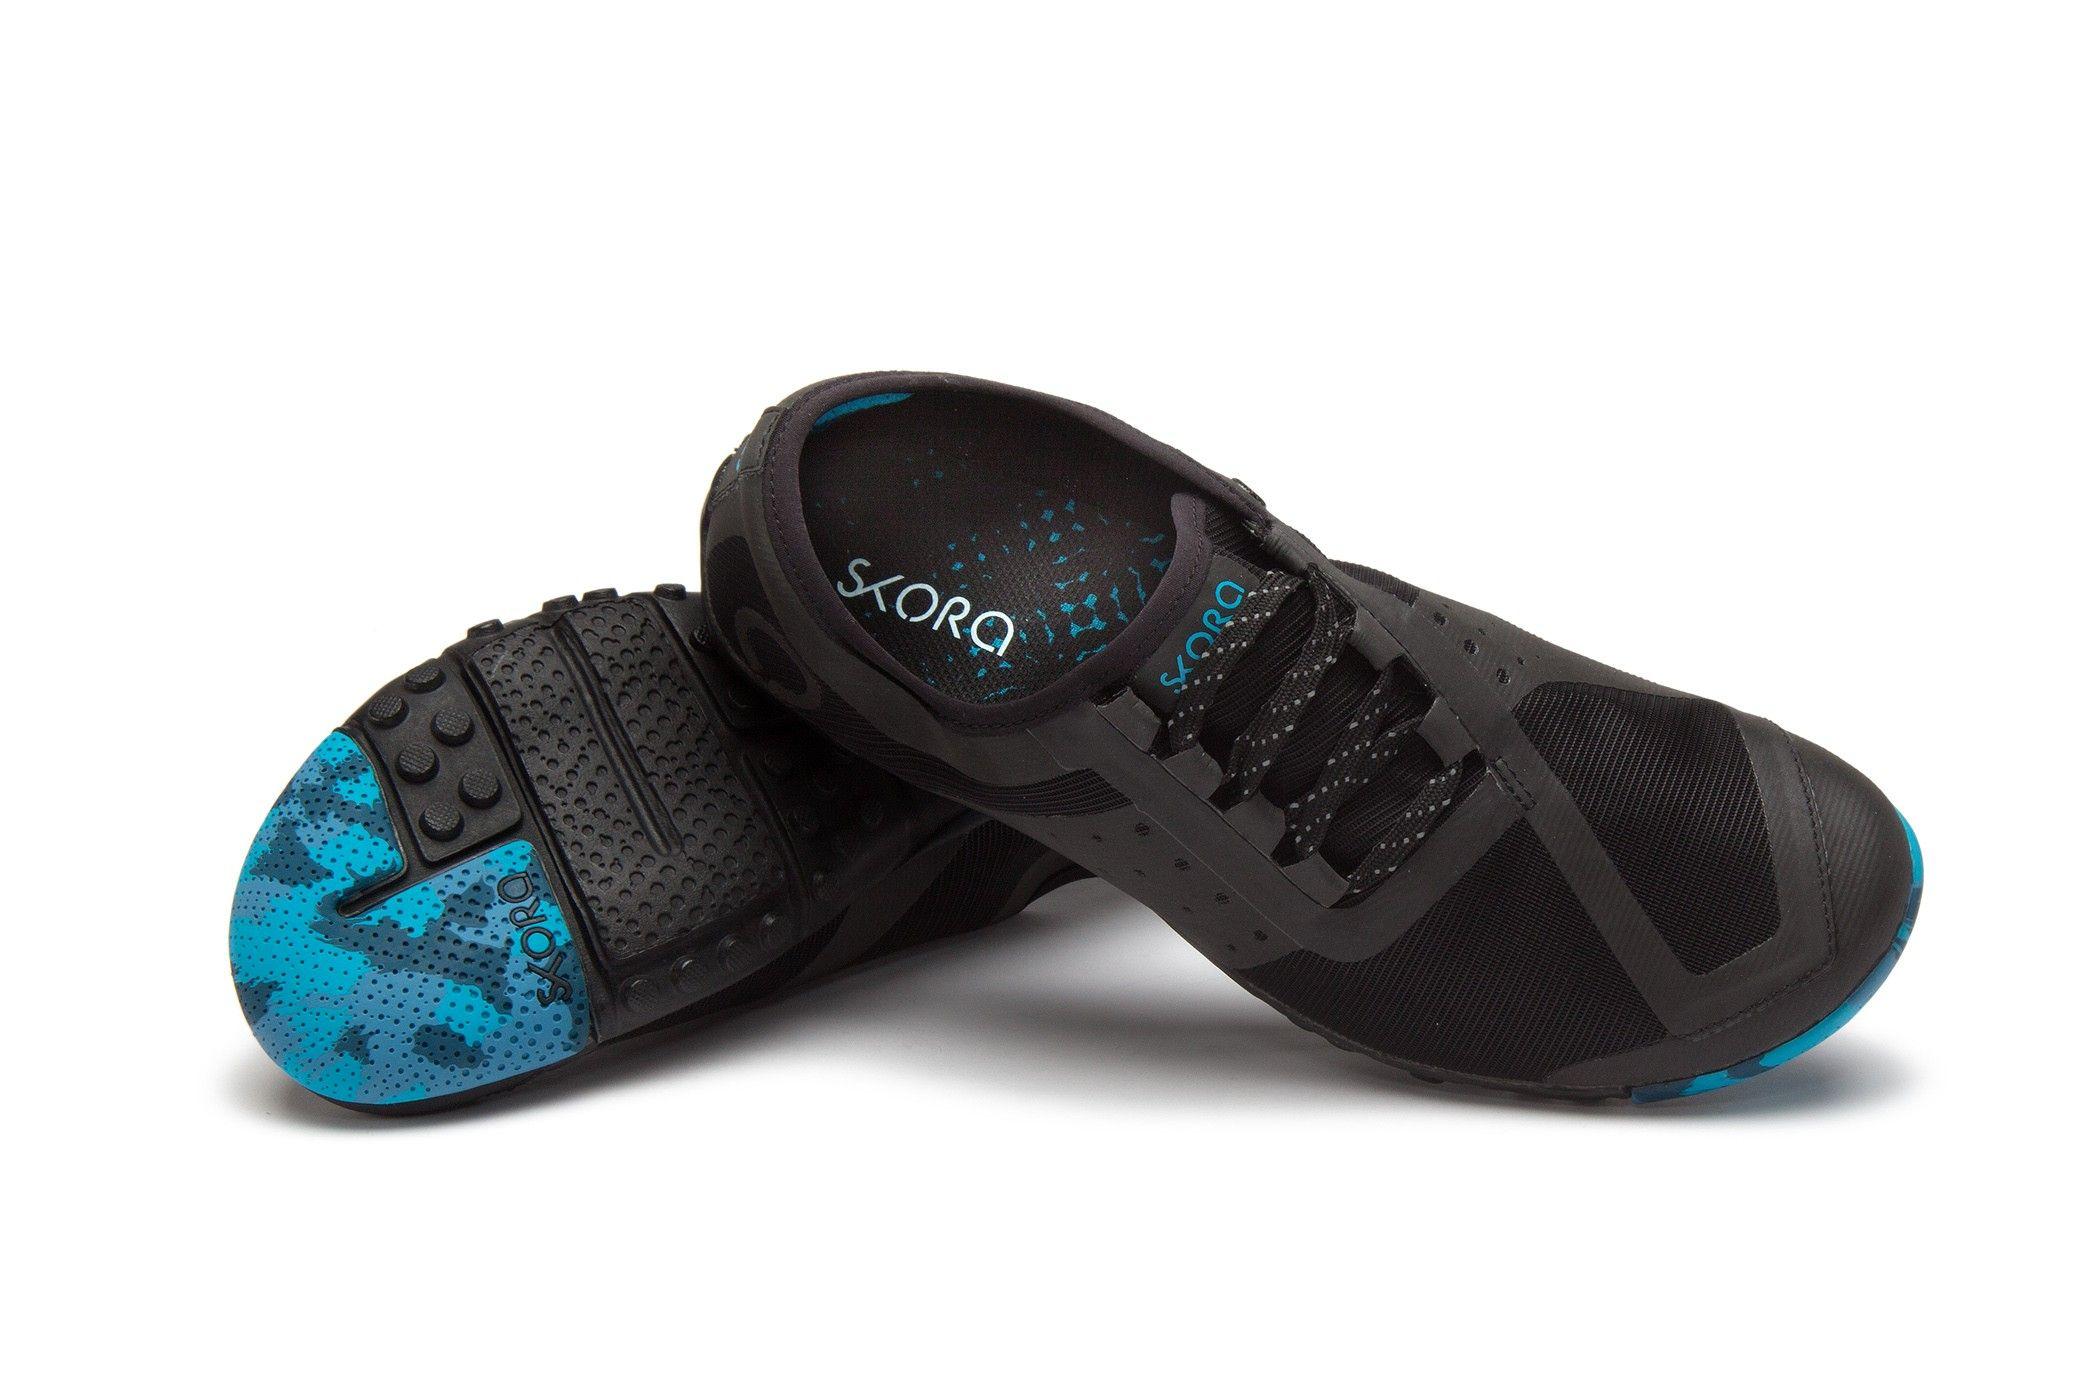 #skora #sneakers